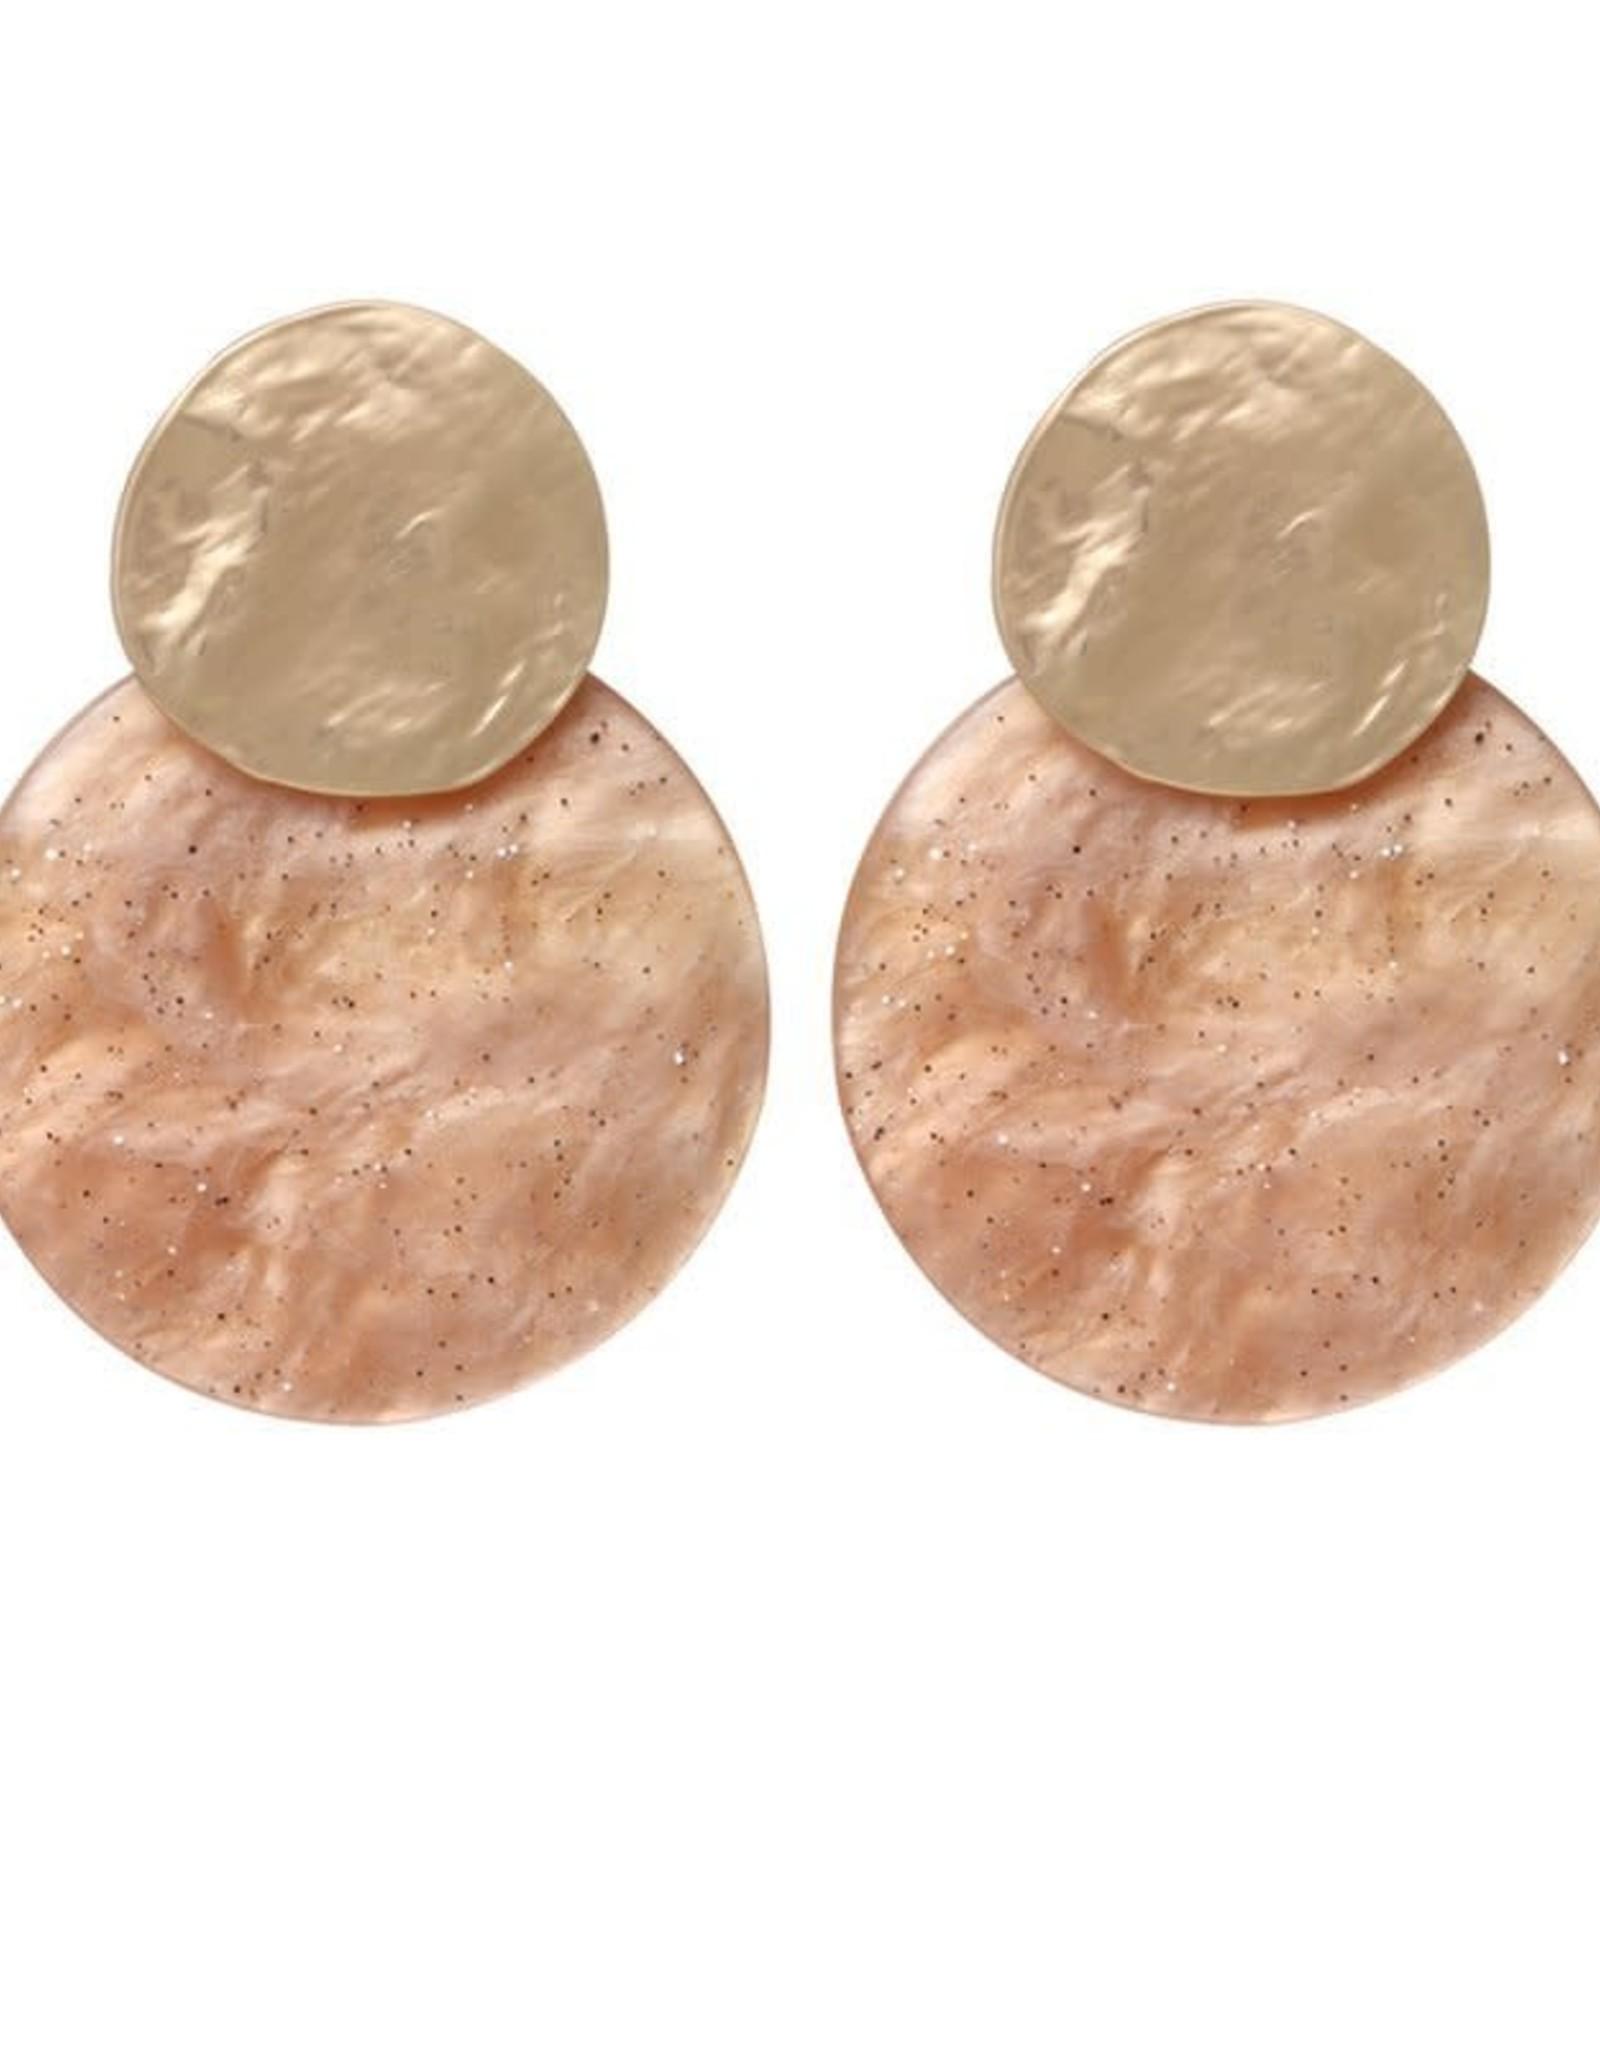 Biba Biba oorbel cirkel beige glitter klein